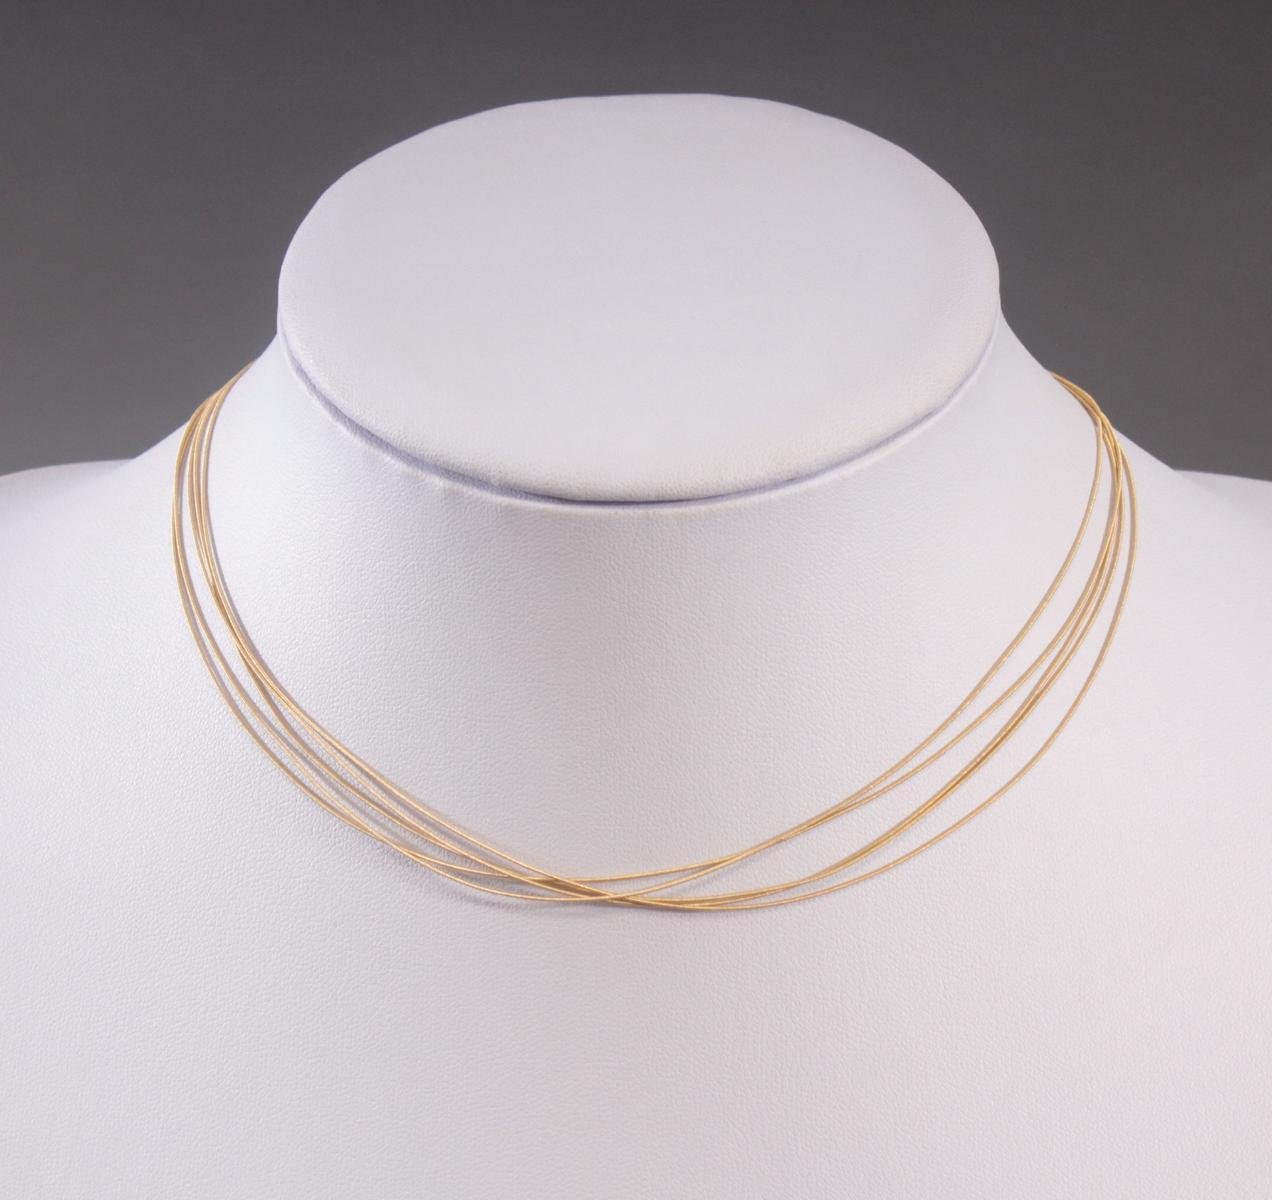 5-reihige Halskette aus 18 Karat Gelbgold